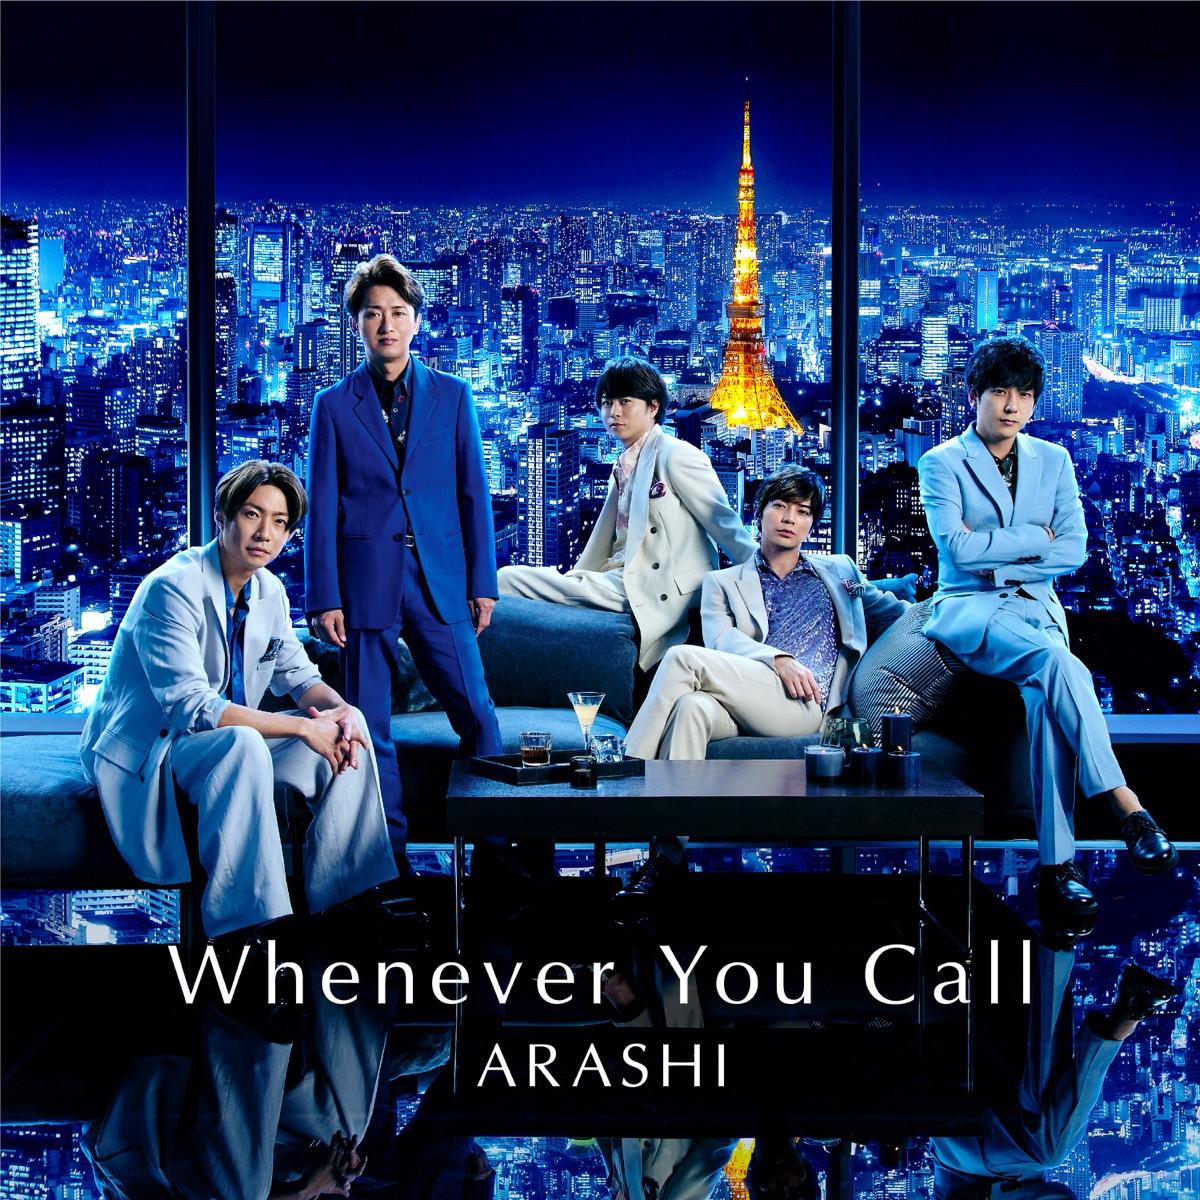 『嵐 - Whenever You Call 歌詞』収録の『Whenever You Call』ジャケット